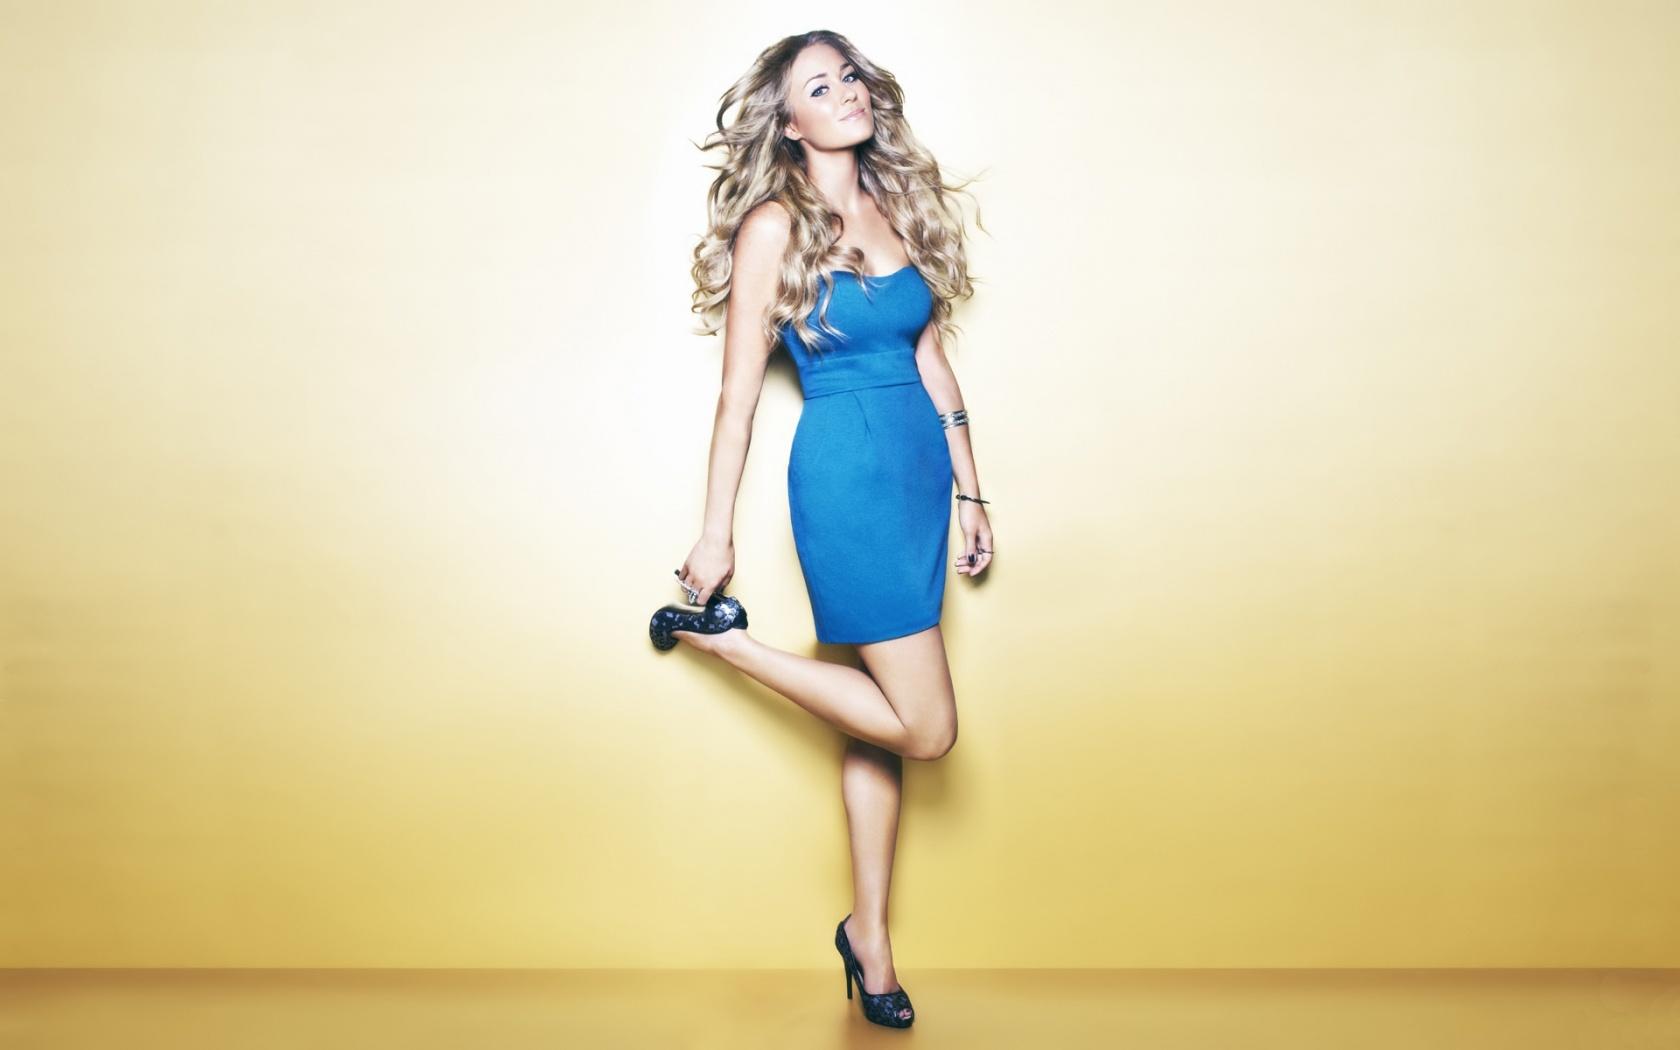 Девушка синий желтый платье скачать